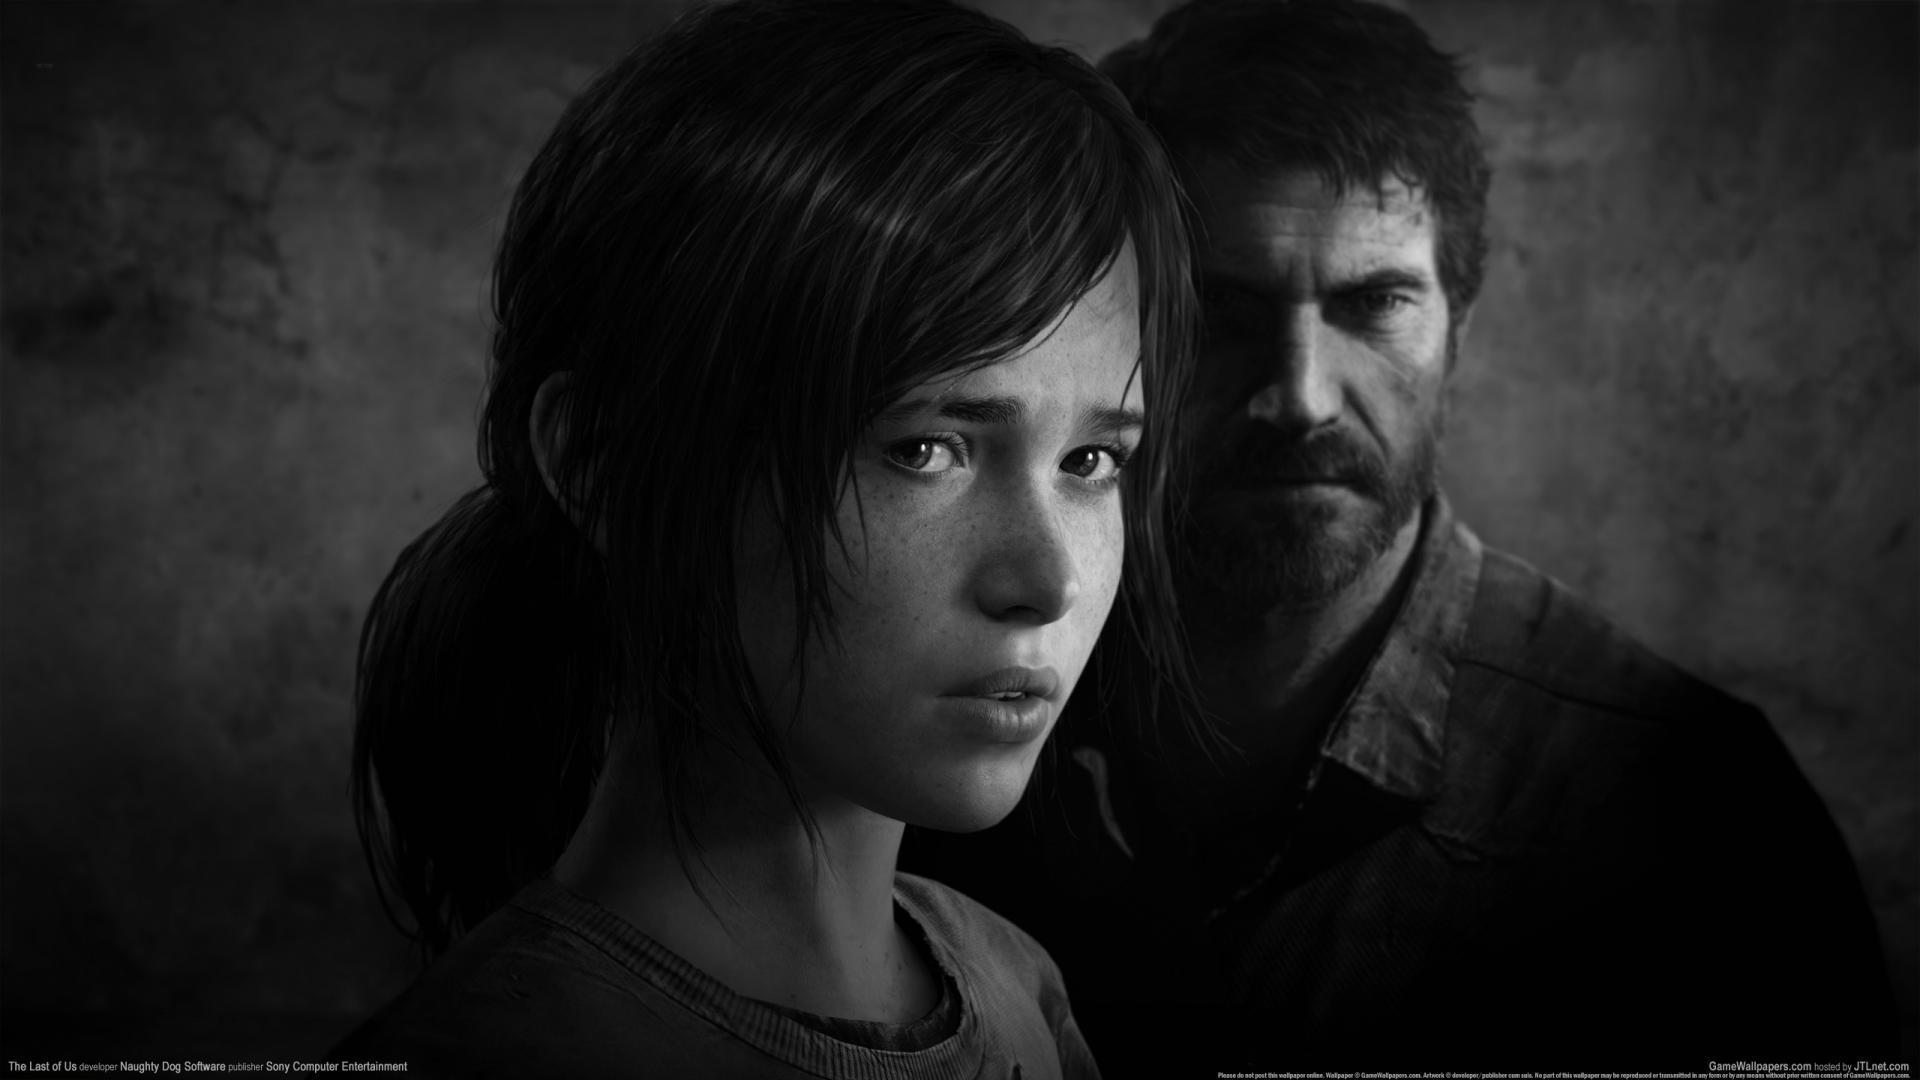 The Last Of Us Joel Ellie 1080p Hd Wallpaper Background - Last Of Us Ellie And Joel , HD Wallpaper & Backgrounds